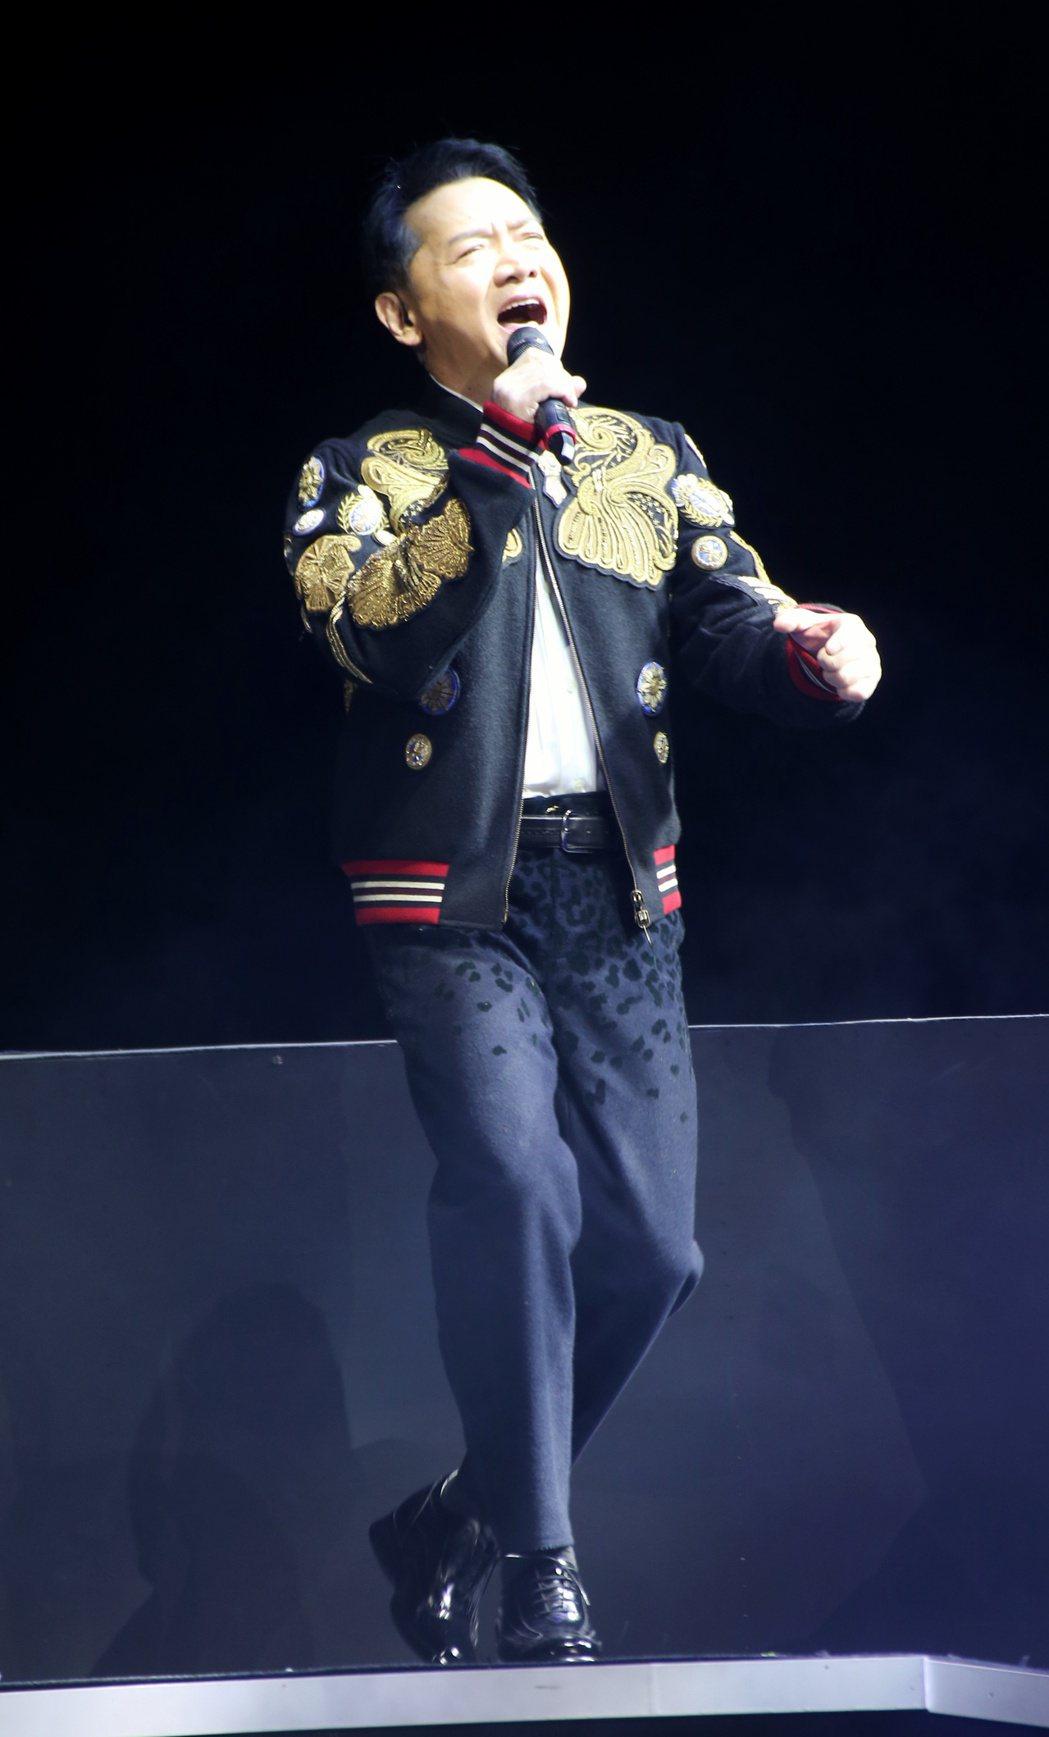 葉啟田於台北國際會議中心舉辦「驀然回首」演唱會。記者陳立凱/攝影